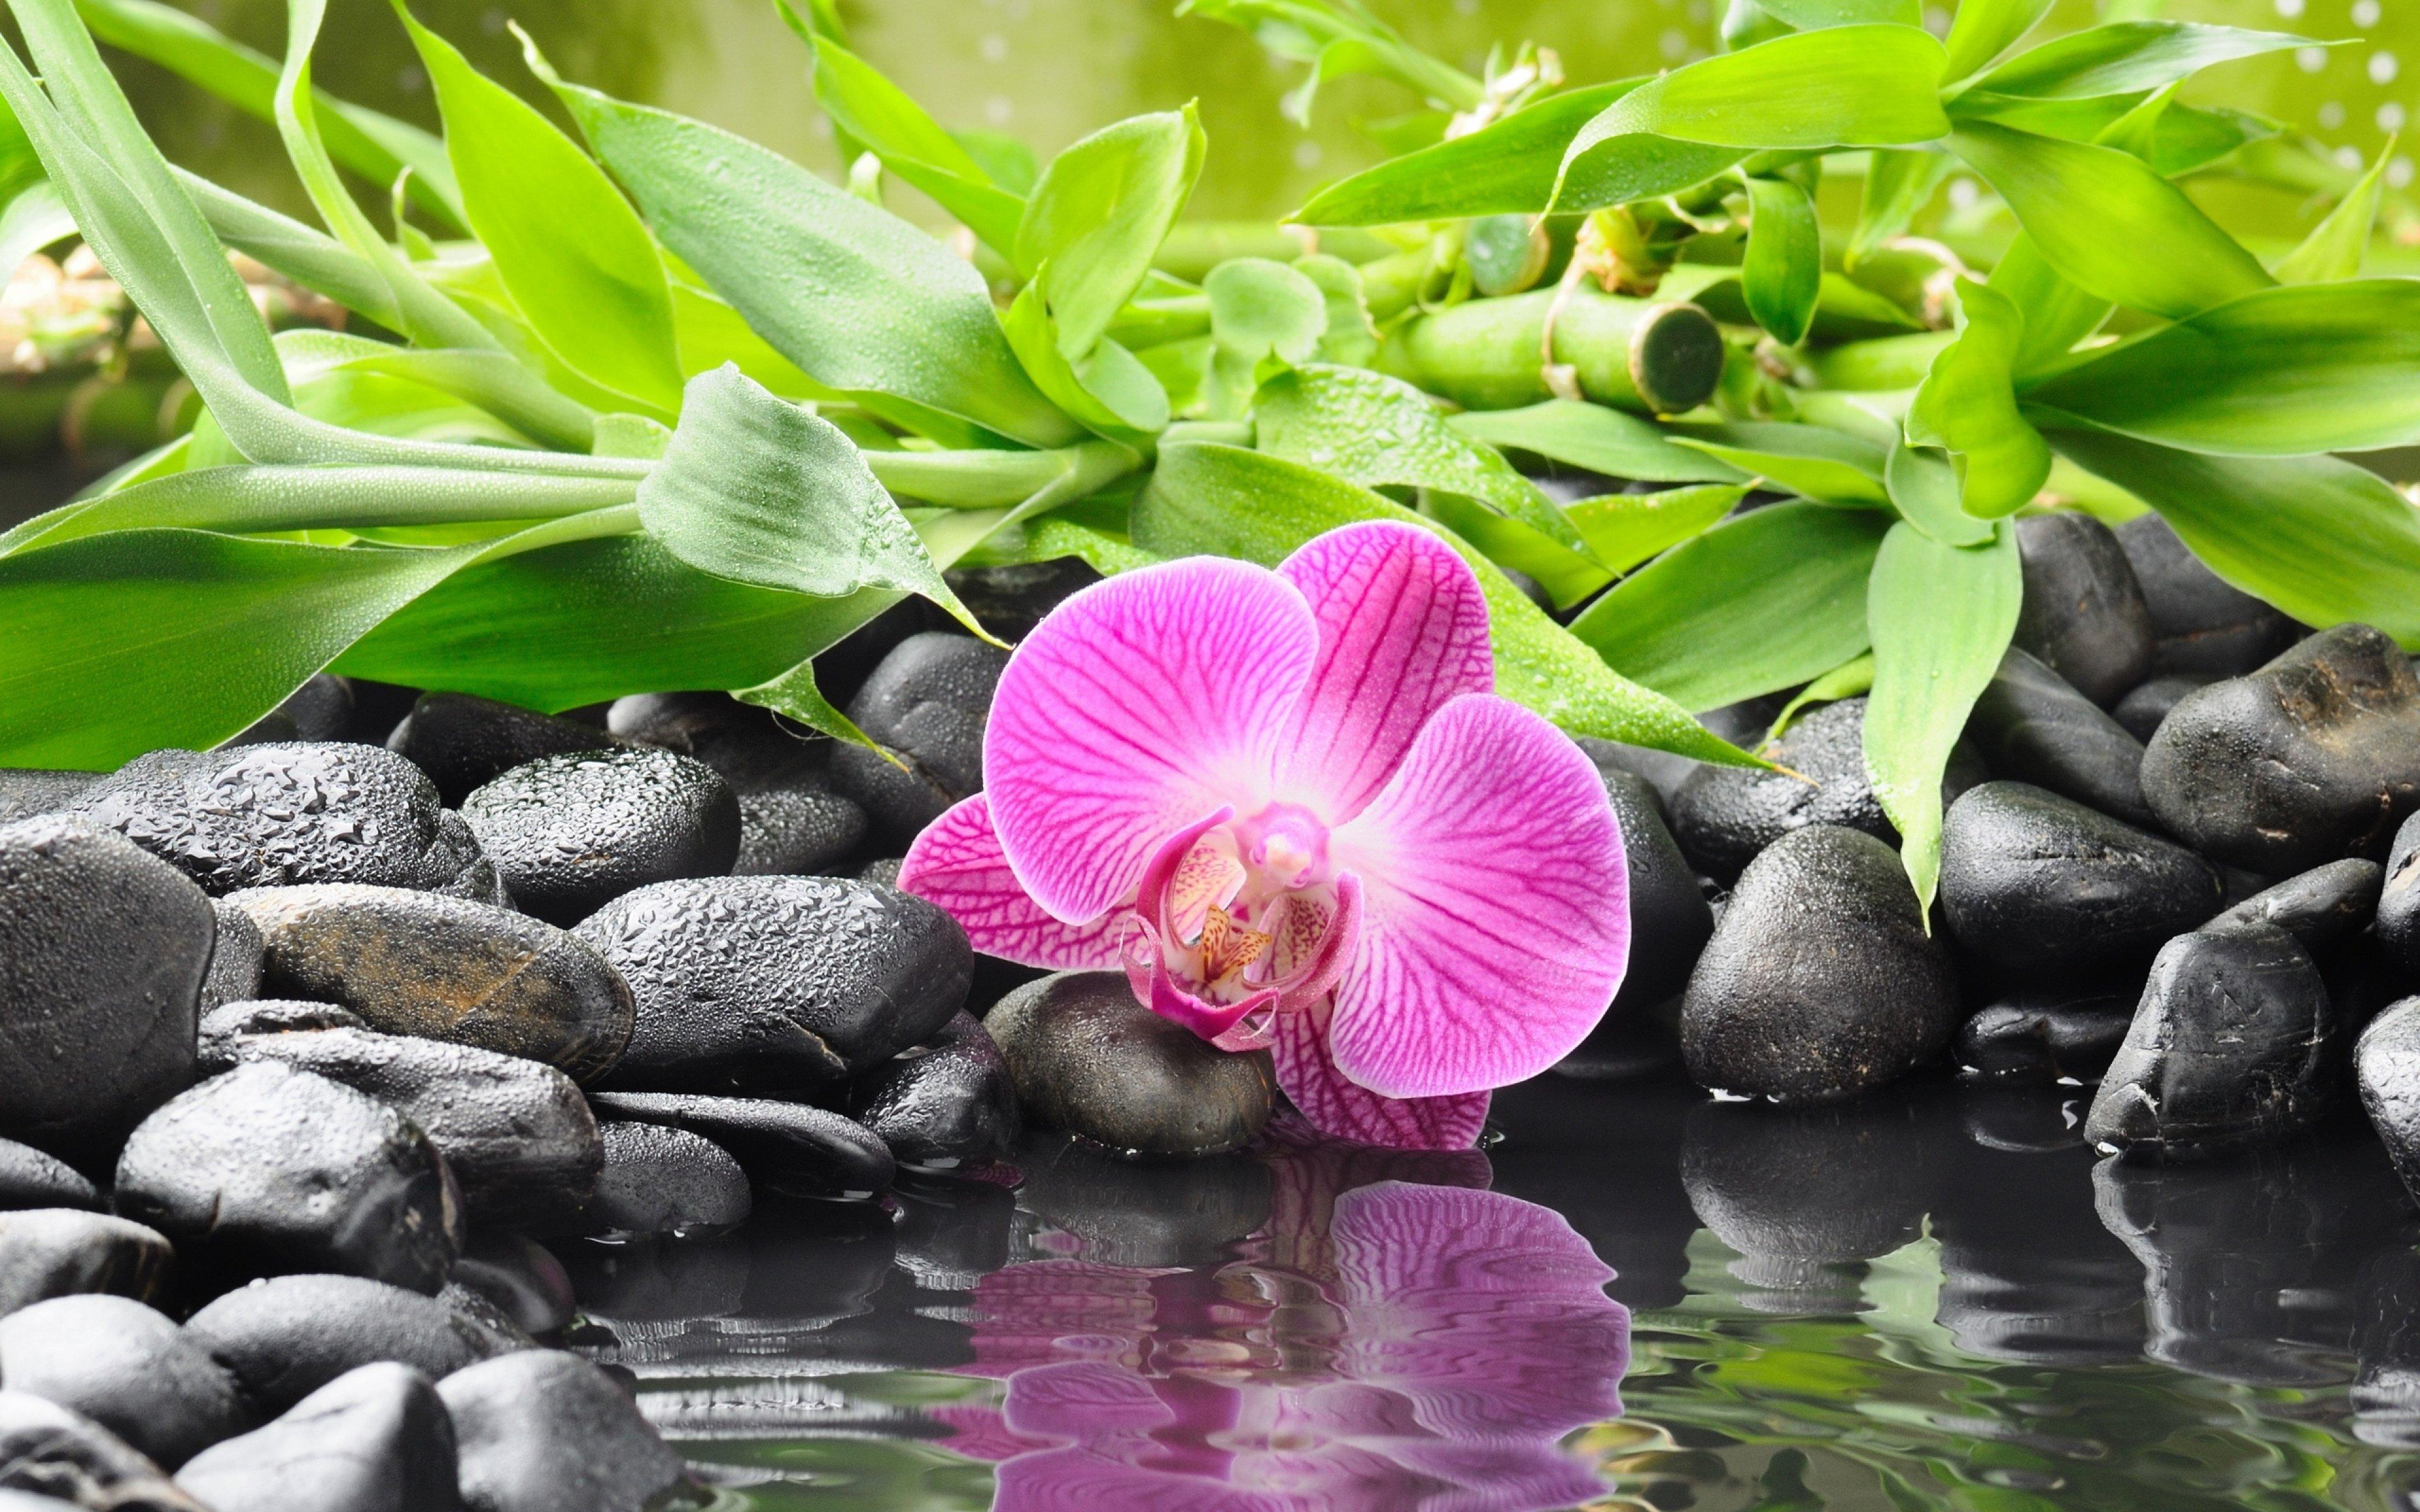 Zen Mood Bokeh Garden Buddhism Religion Wallpaper 3840x2400 664882 Wallpaperup